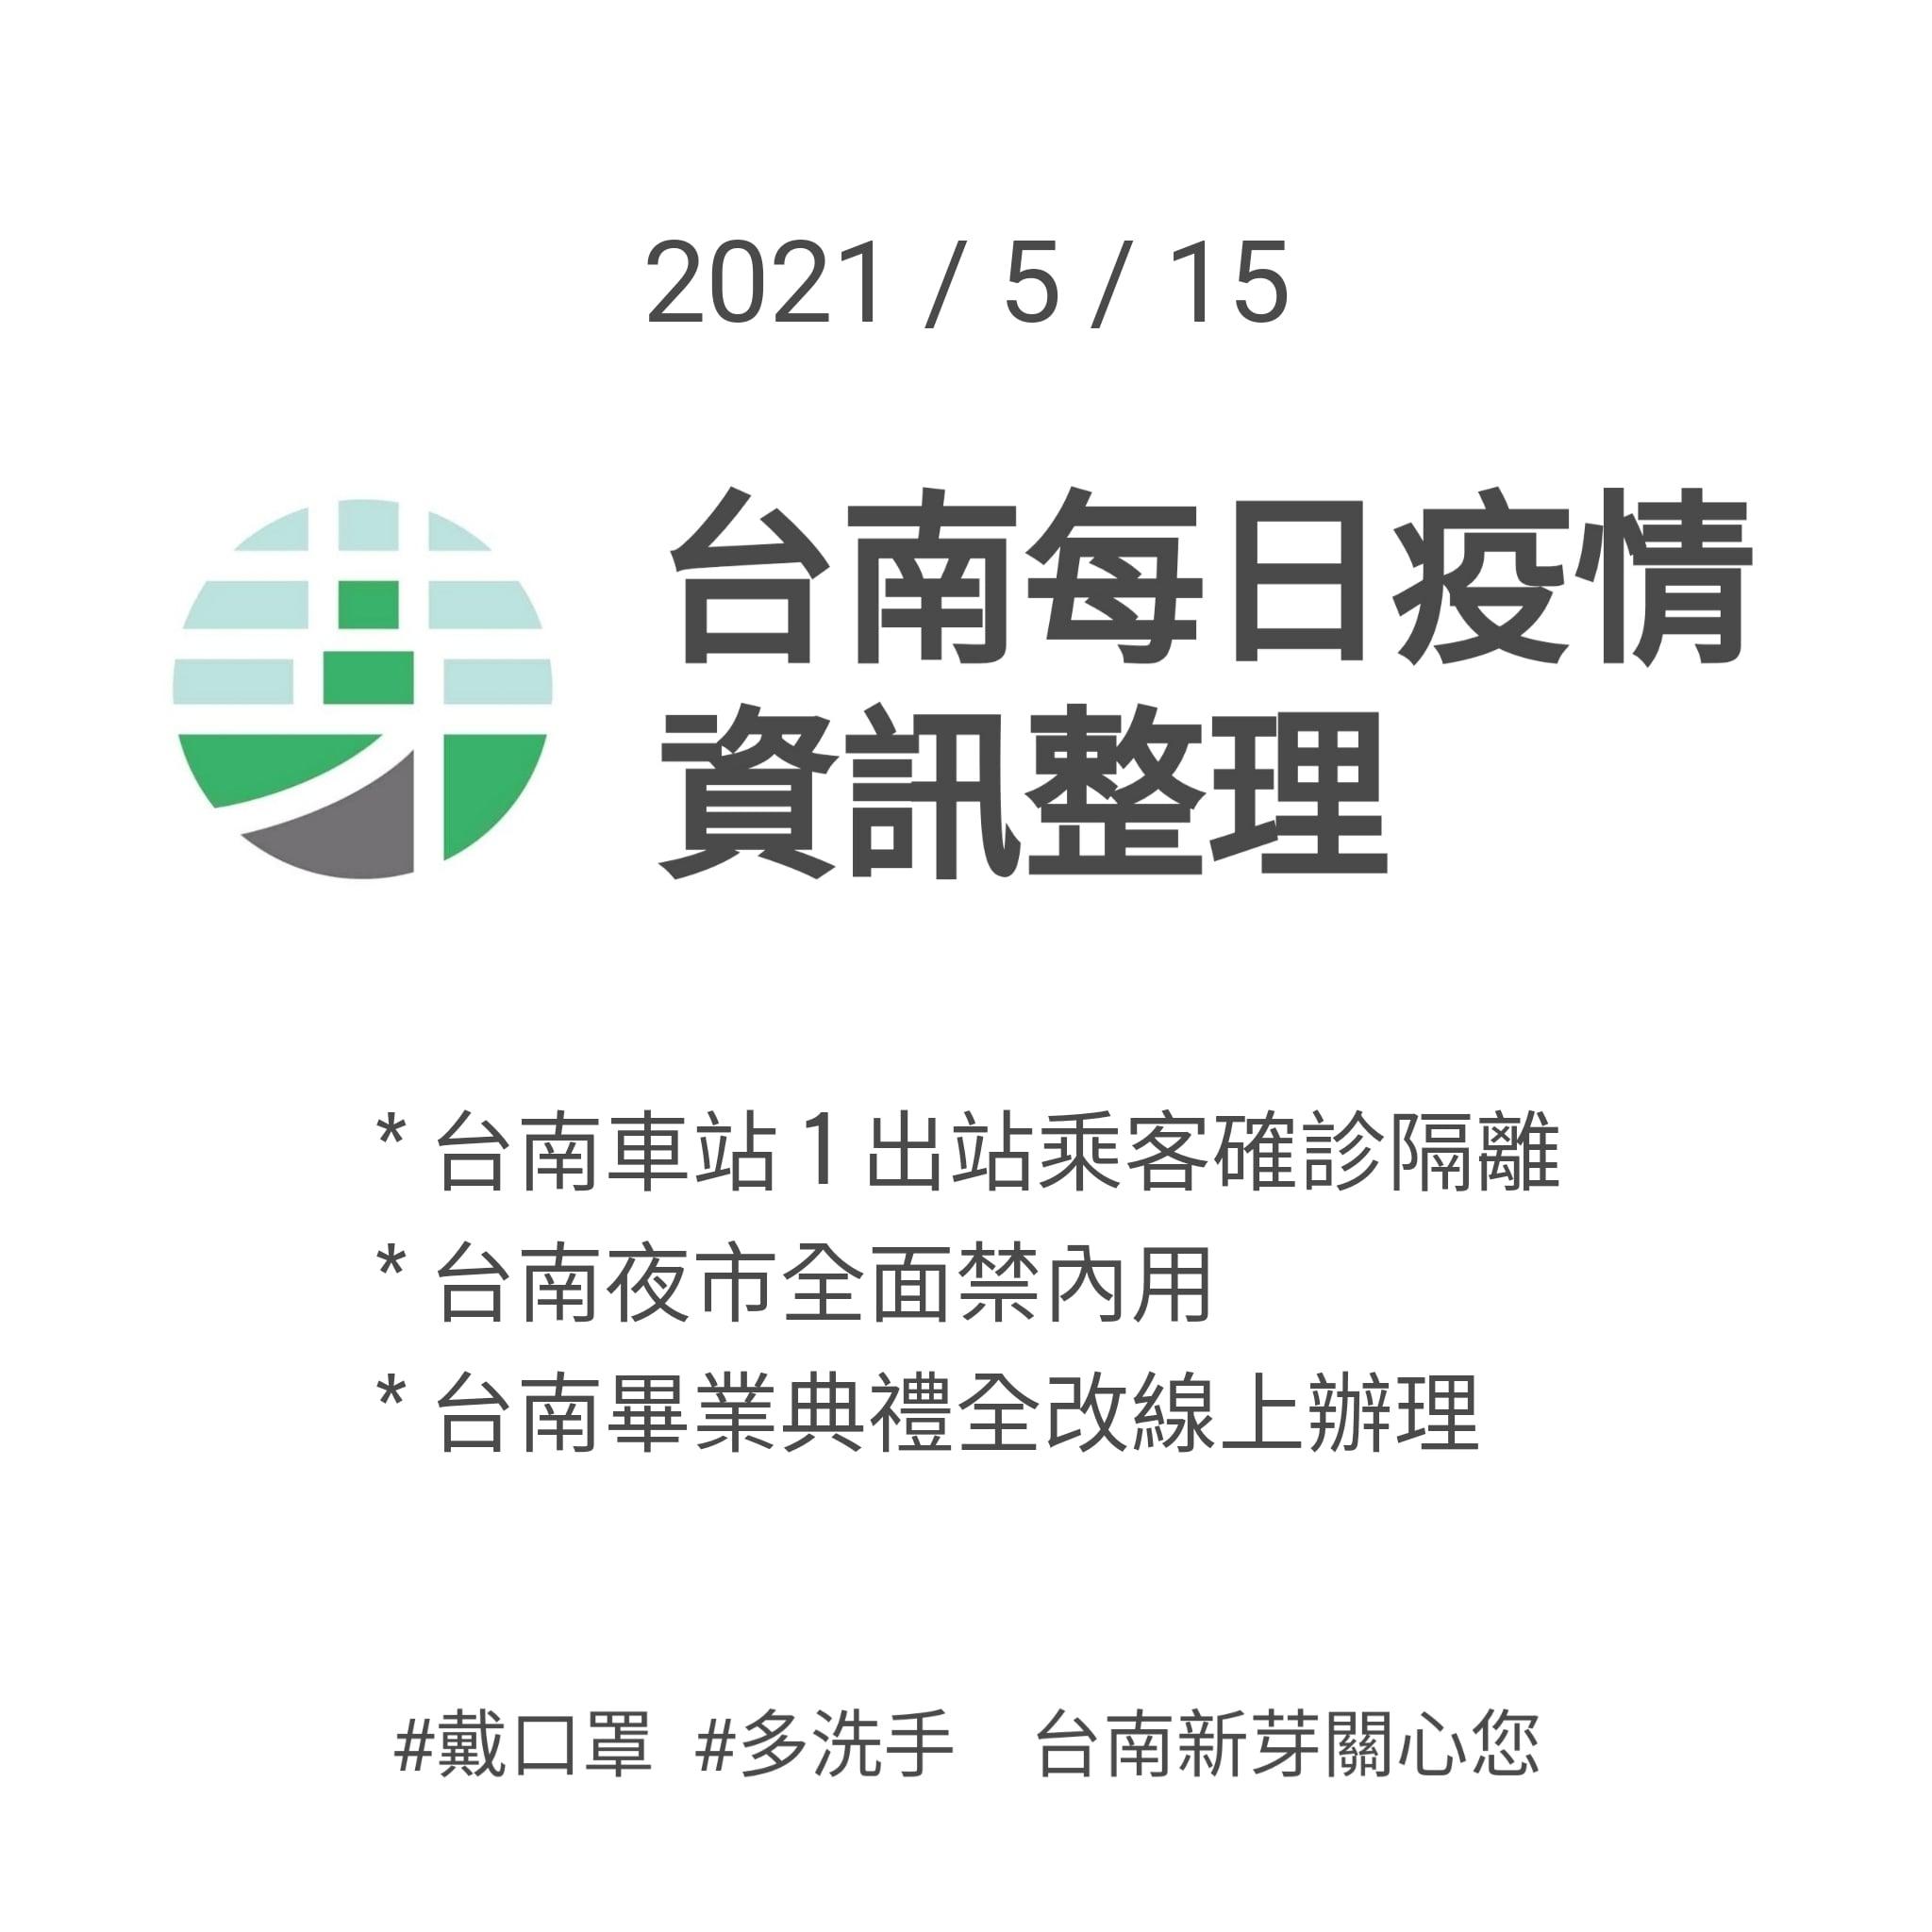 台南新芽-疫情期間為地方做的事